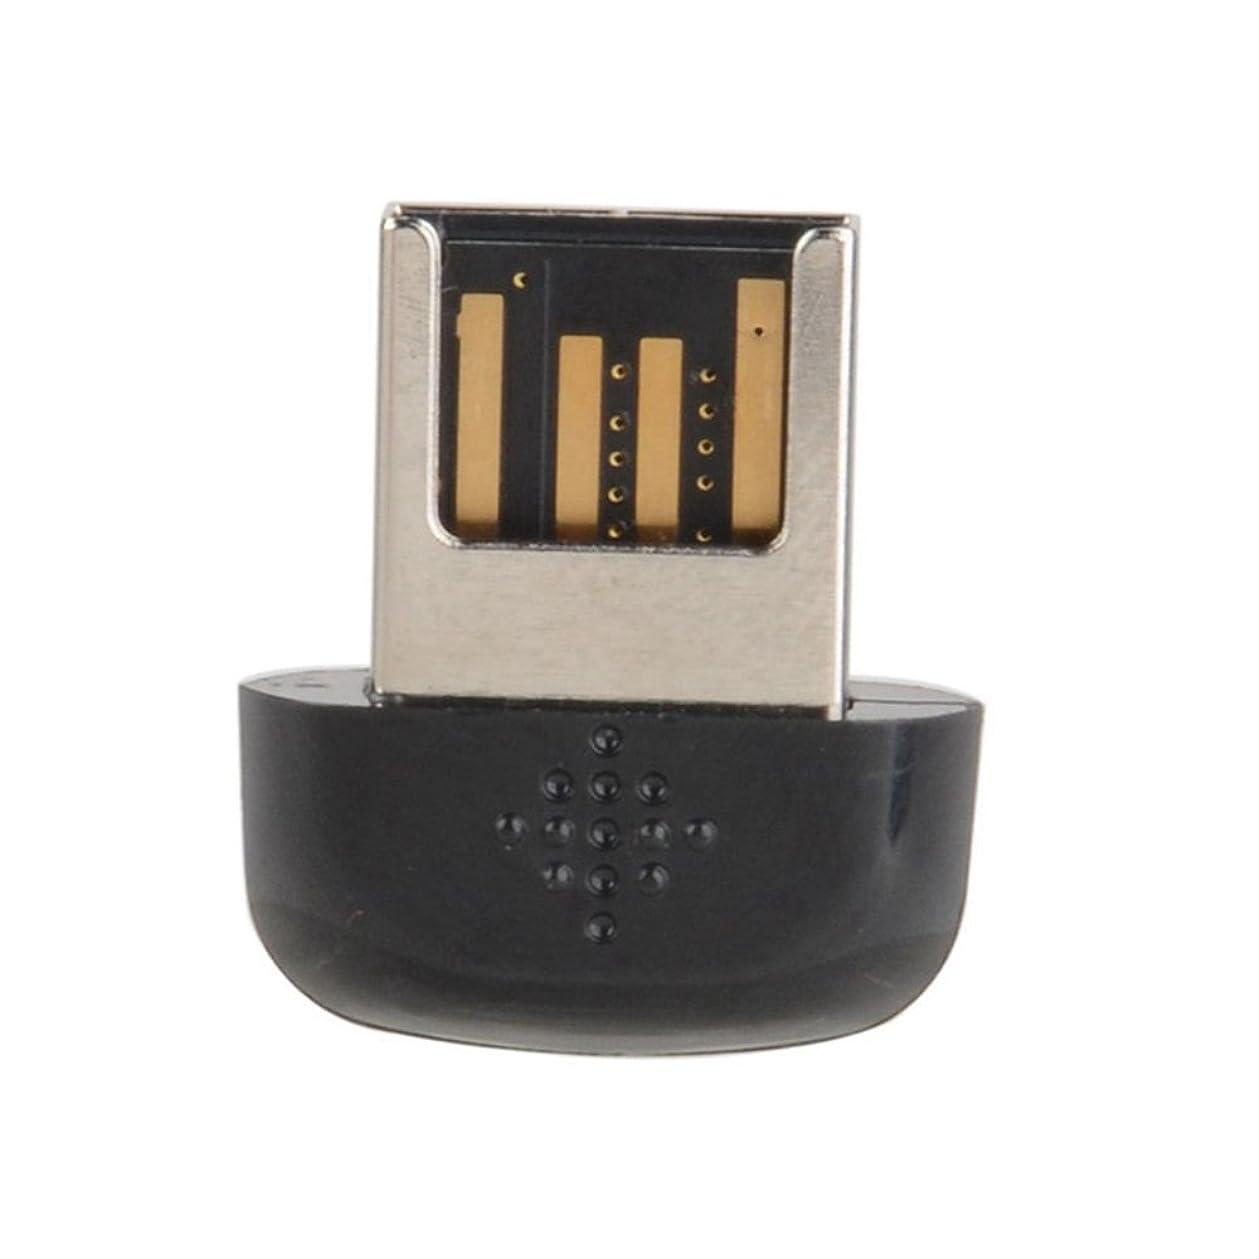 炭水化物アミューズ洗練されたワイヤレス同期ドングルUSB FitbitフレックスワンジップフォースチャージHRサージBE